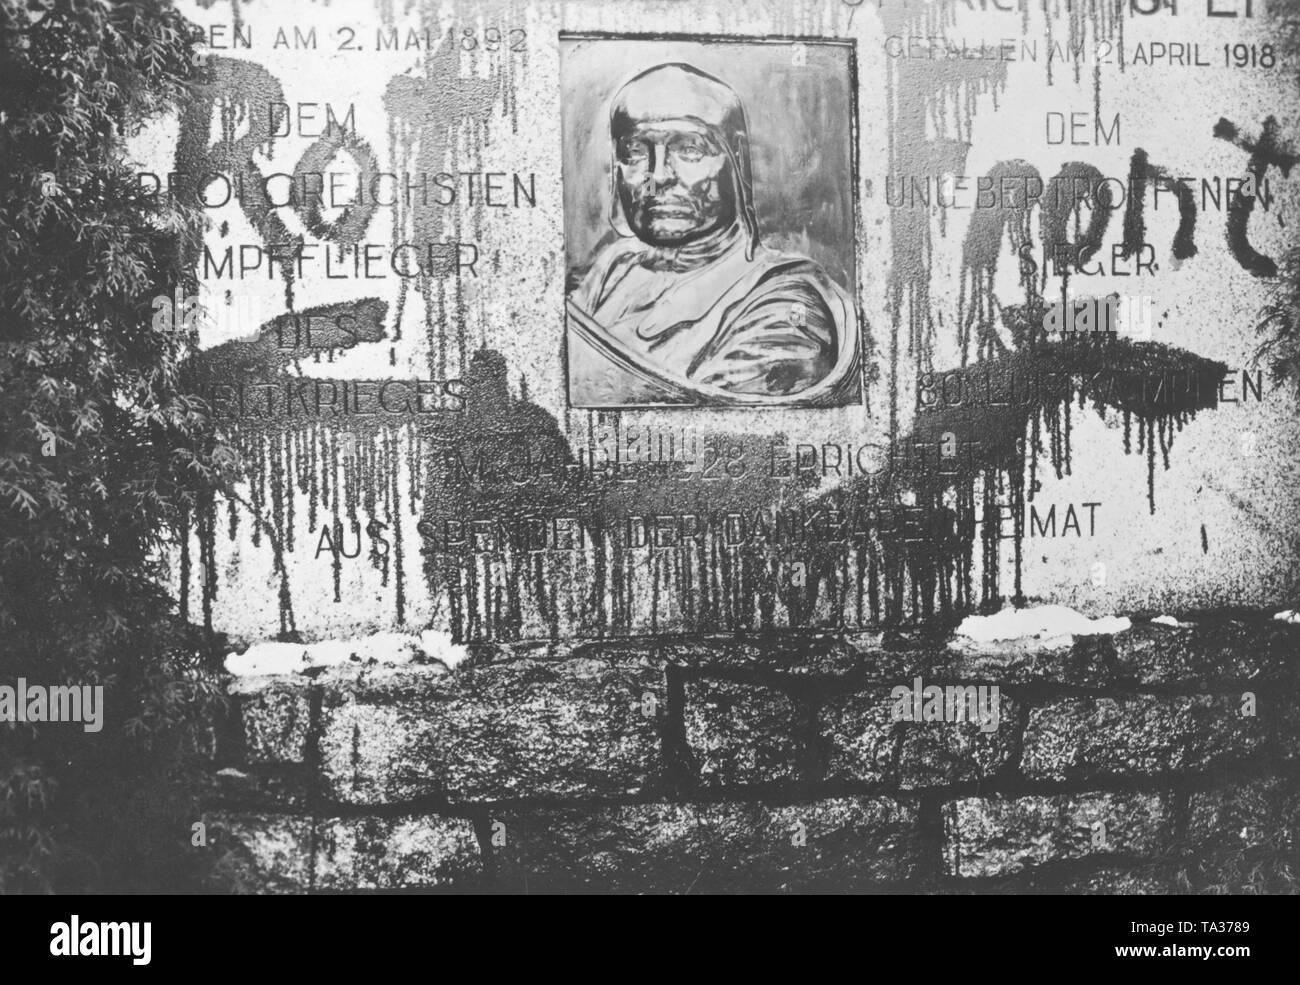 """Das denkmal für den berühmten jagdflieger Manfred von Richthofen in  Swidnica wurde von den Kommunisten mit roter Farbe und die Worte """"Rote  Front"""" verschmiert Stockfotografie - Alamy"""